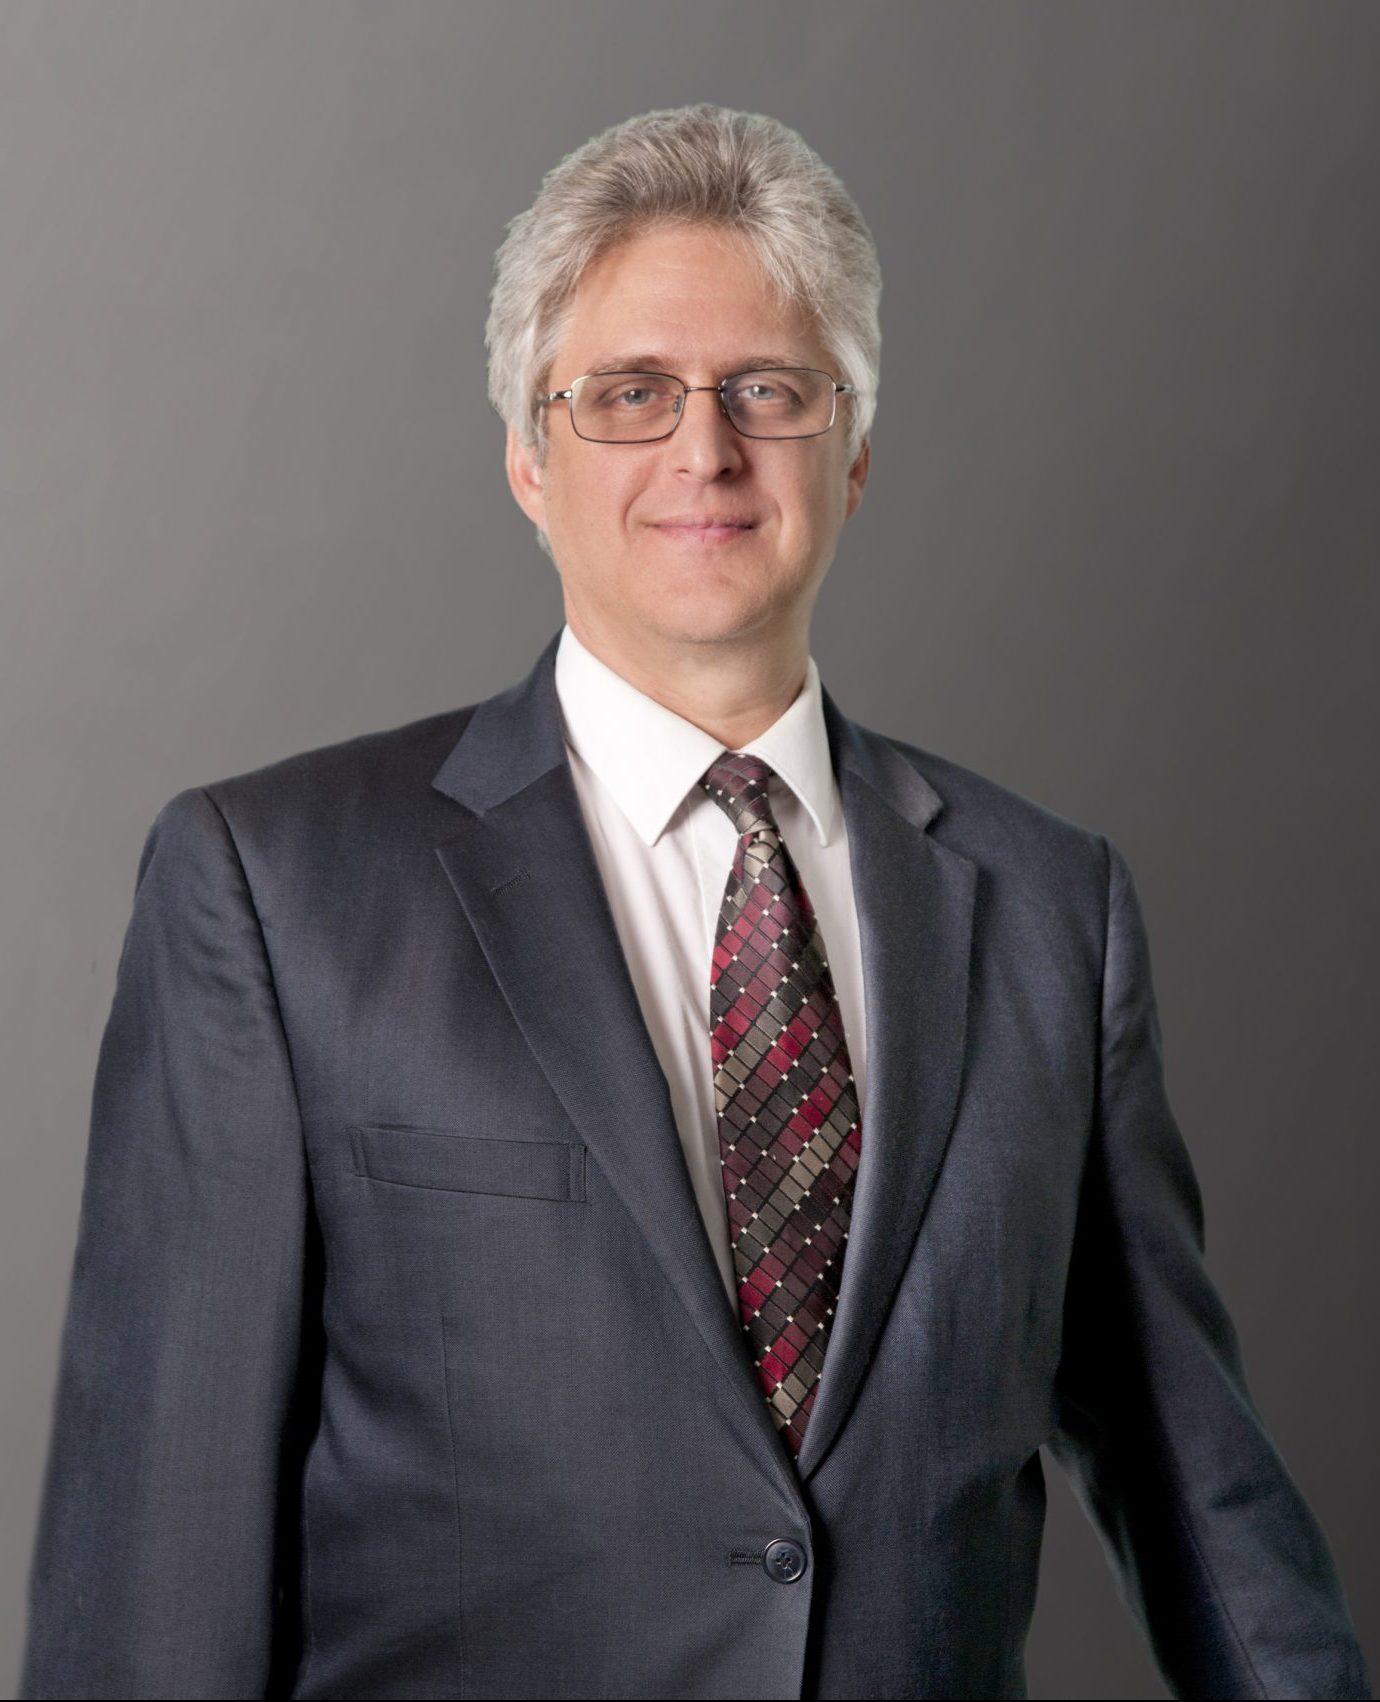 Mike Agnello